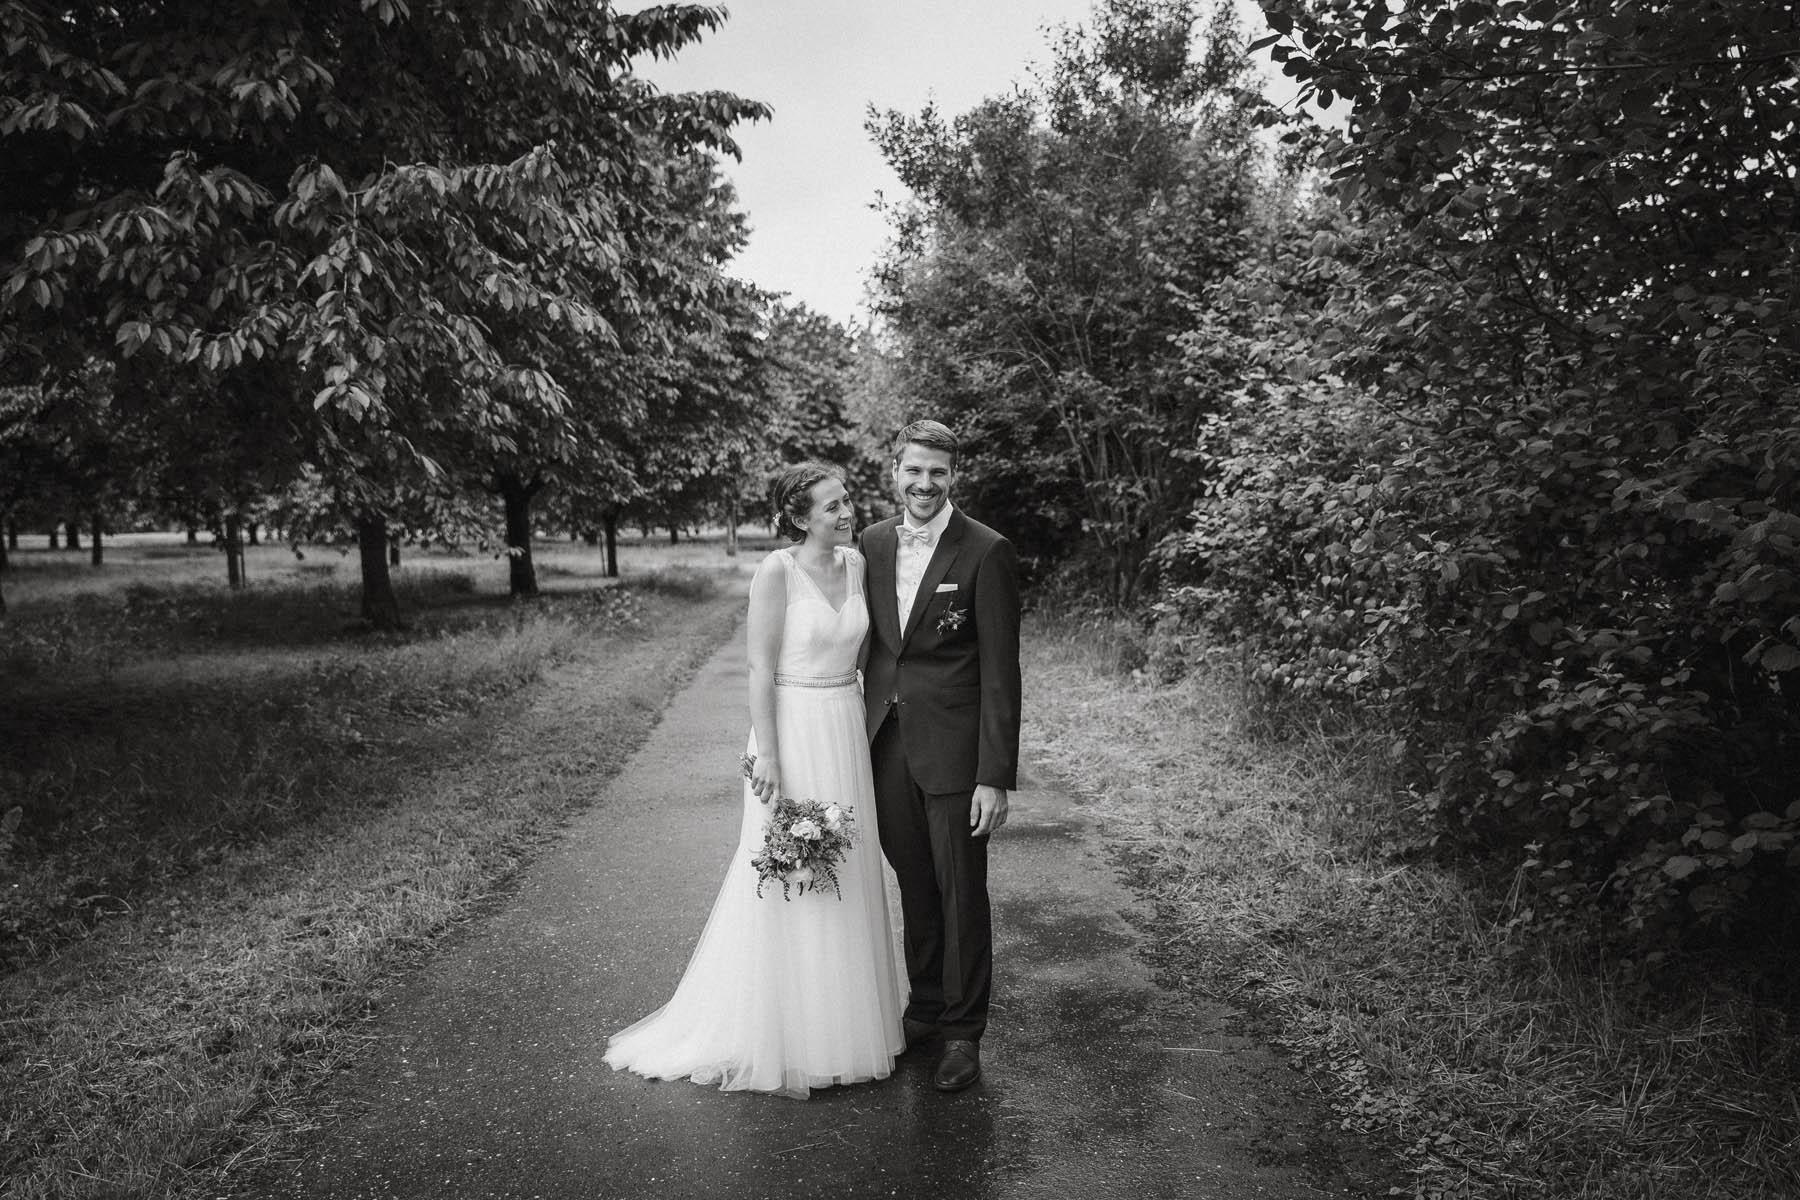 Modernes und ungestelltes Brautpaarshooting - Raissa + Simon Fotografie